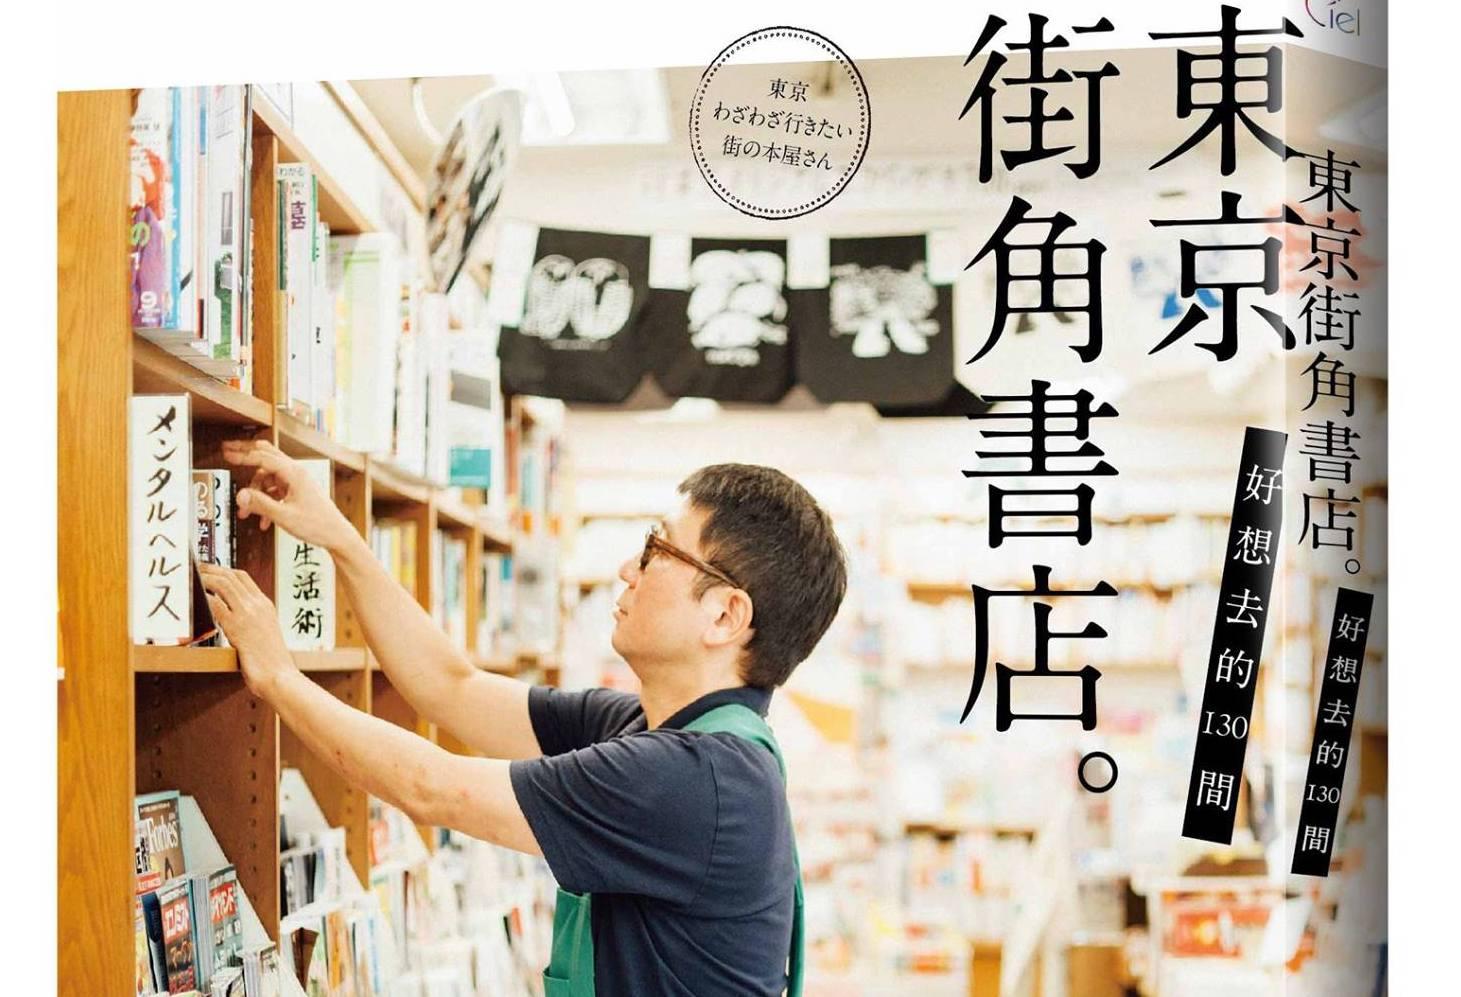 平凡的主題中,發現不凡的趣味:《好想去的130間東京街角書店》